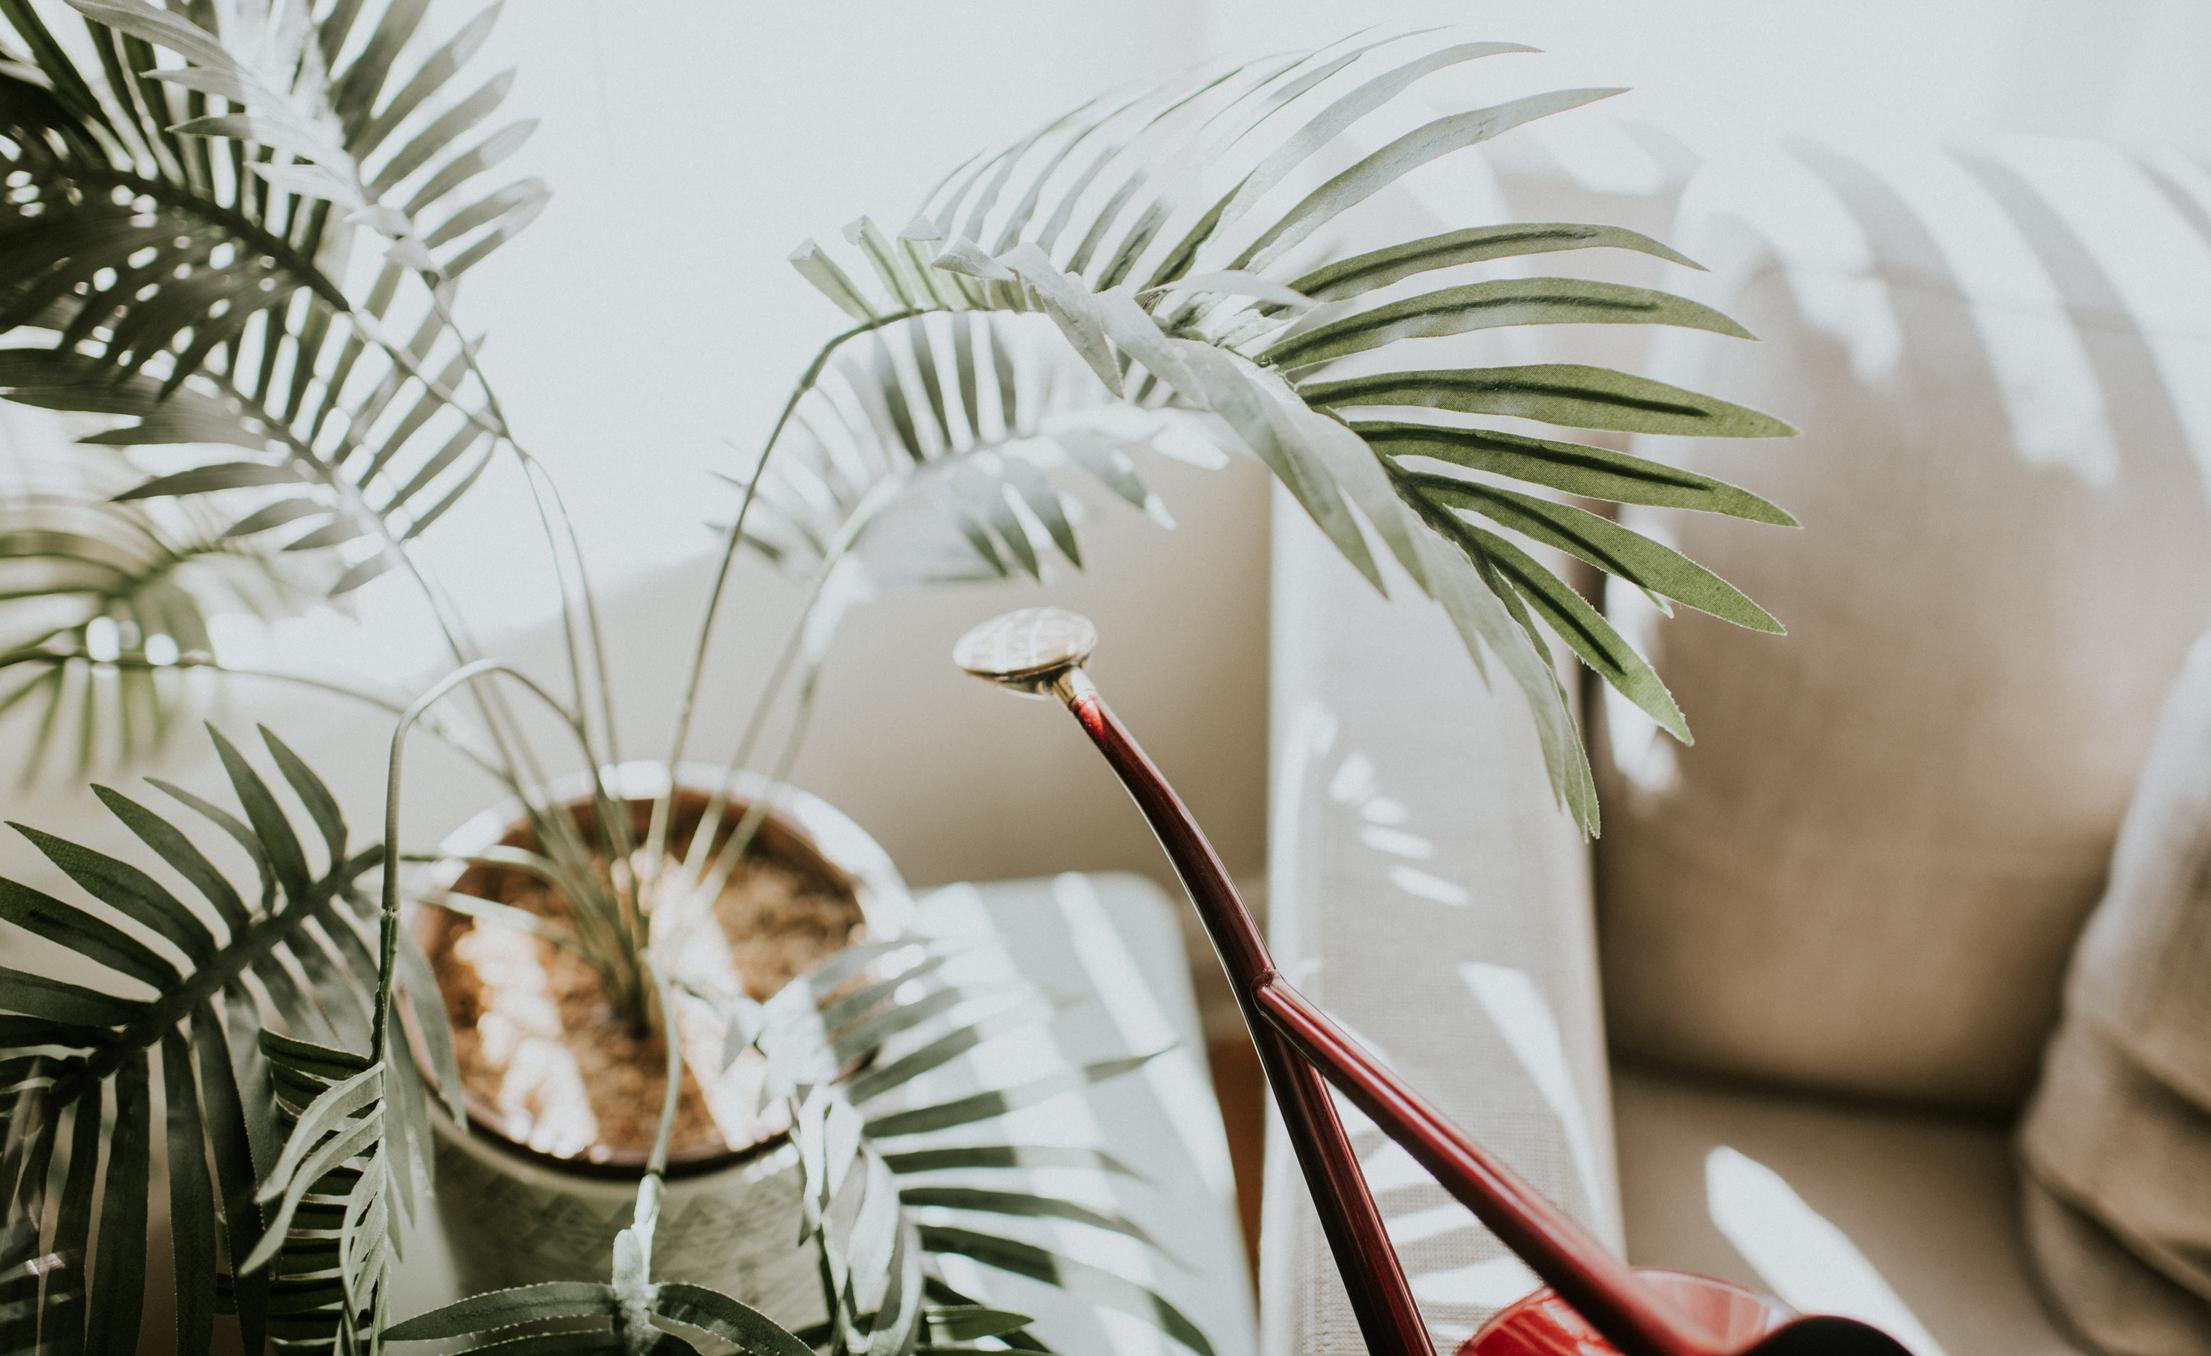 Plante d'intérieur assise à côté d'un arrosoir rouge brillant.